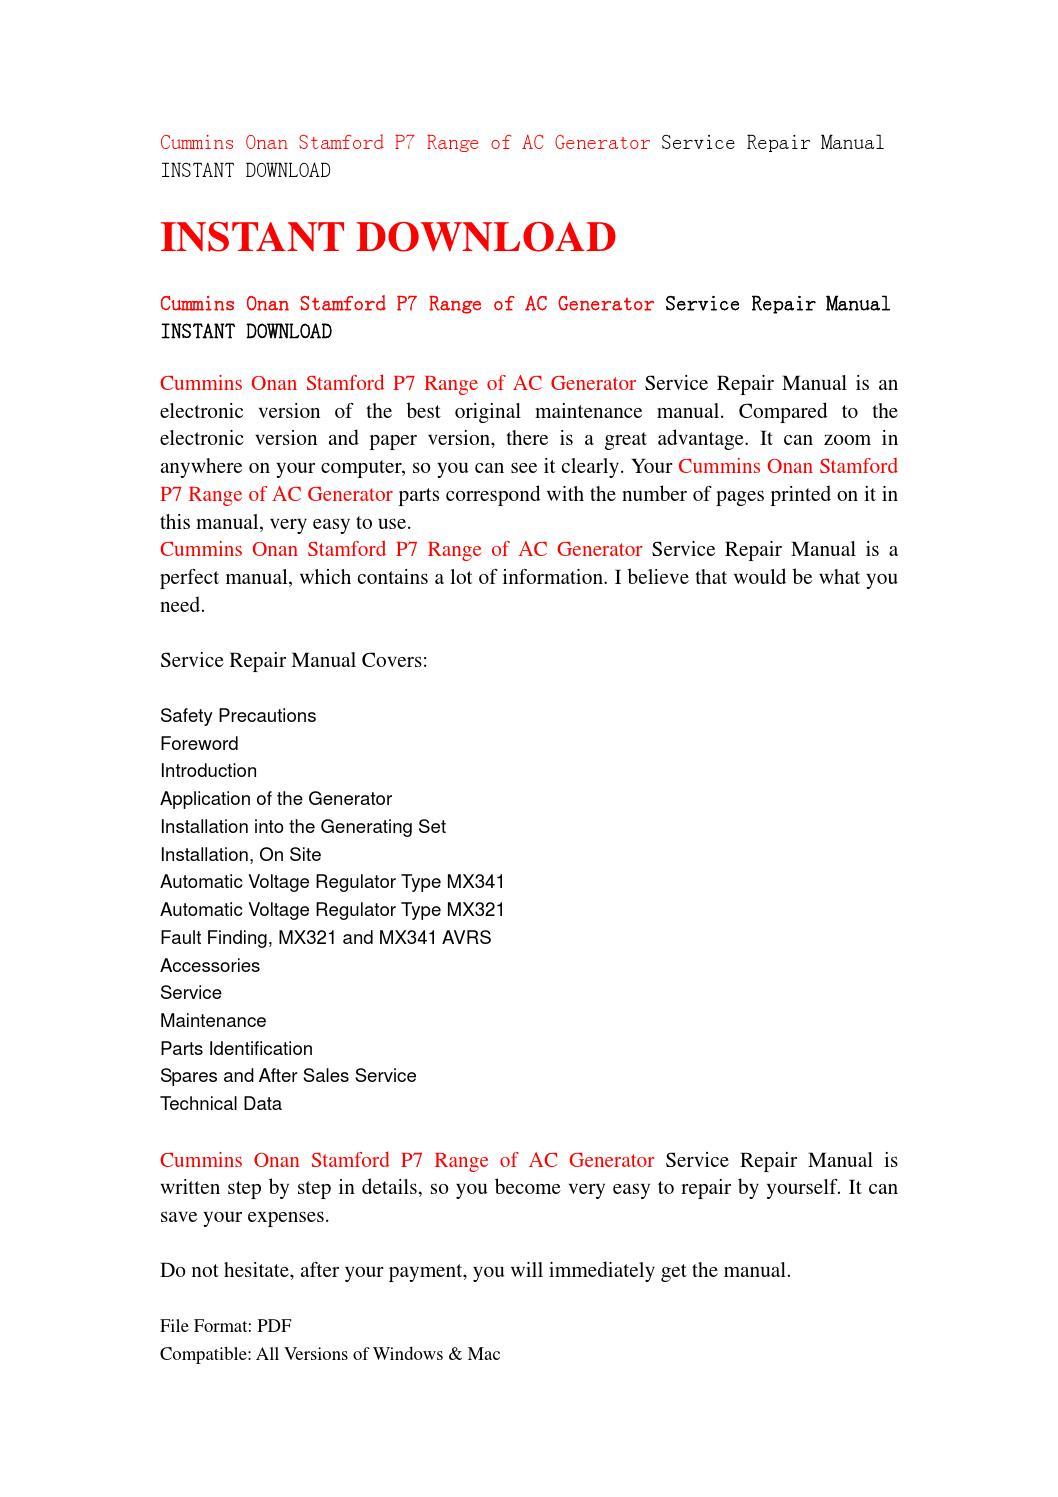 Cummins onan stamford p7 range of ac generator service repair manual  instant download